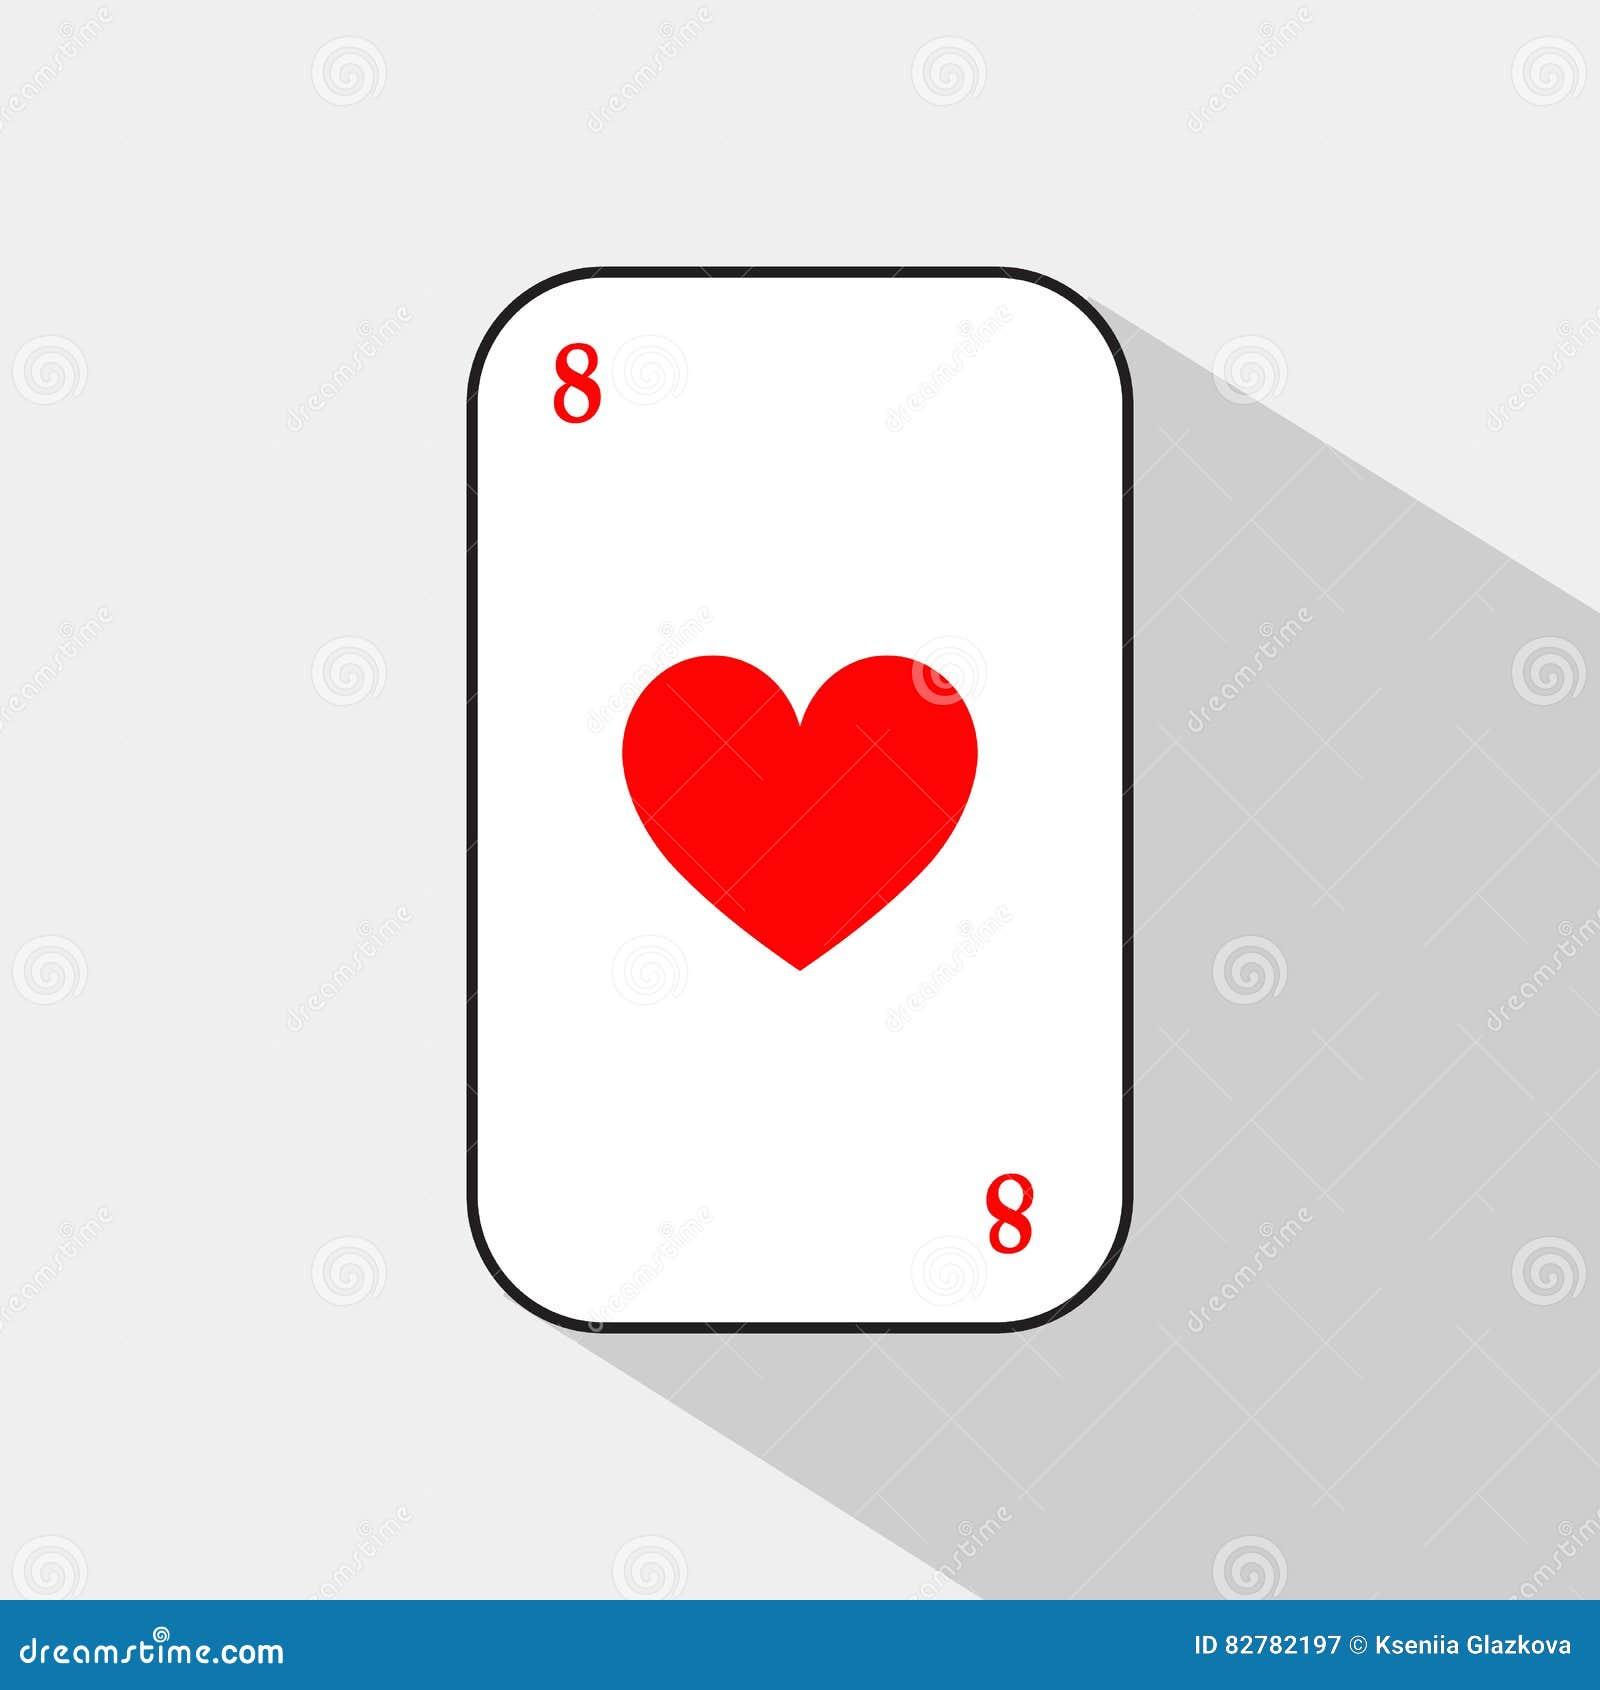 Κάρτα πόκερ ΚΑΡΔΙΑ οκτώ άσπρο υπόβαθρο για να είναι εύκολα ευδιαχώριστος